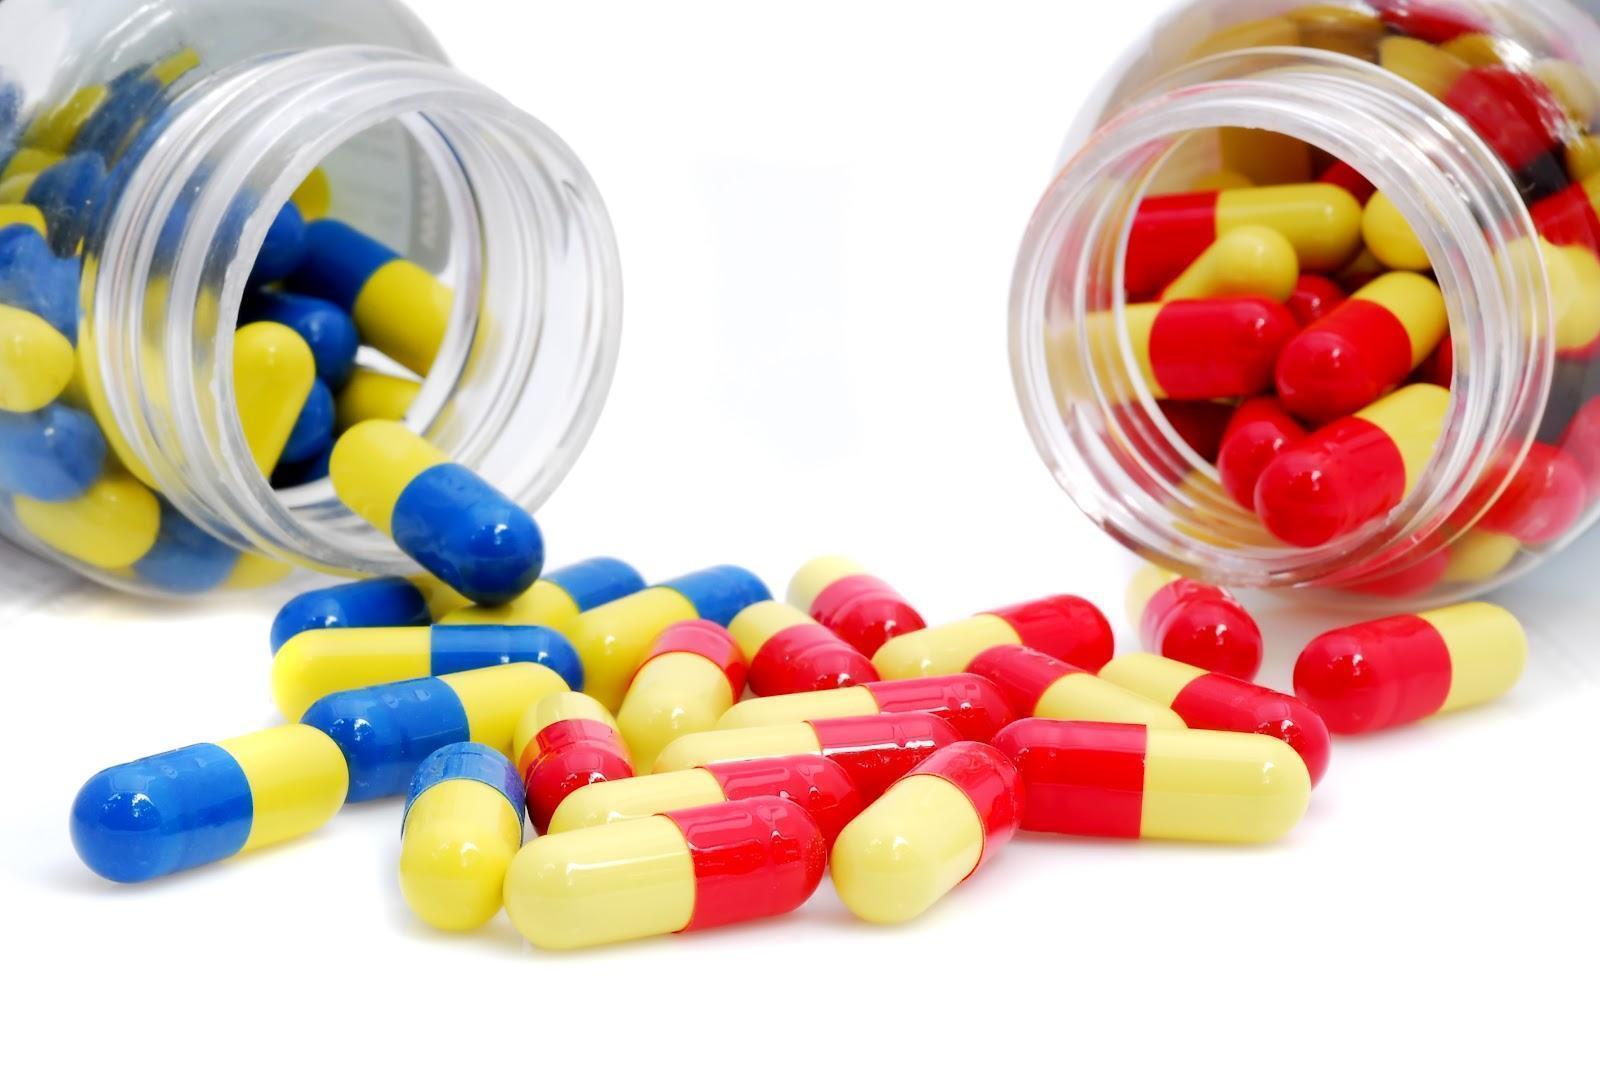 Claritromicina (Oral)